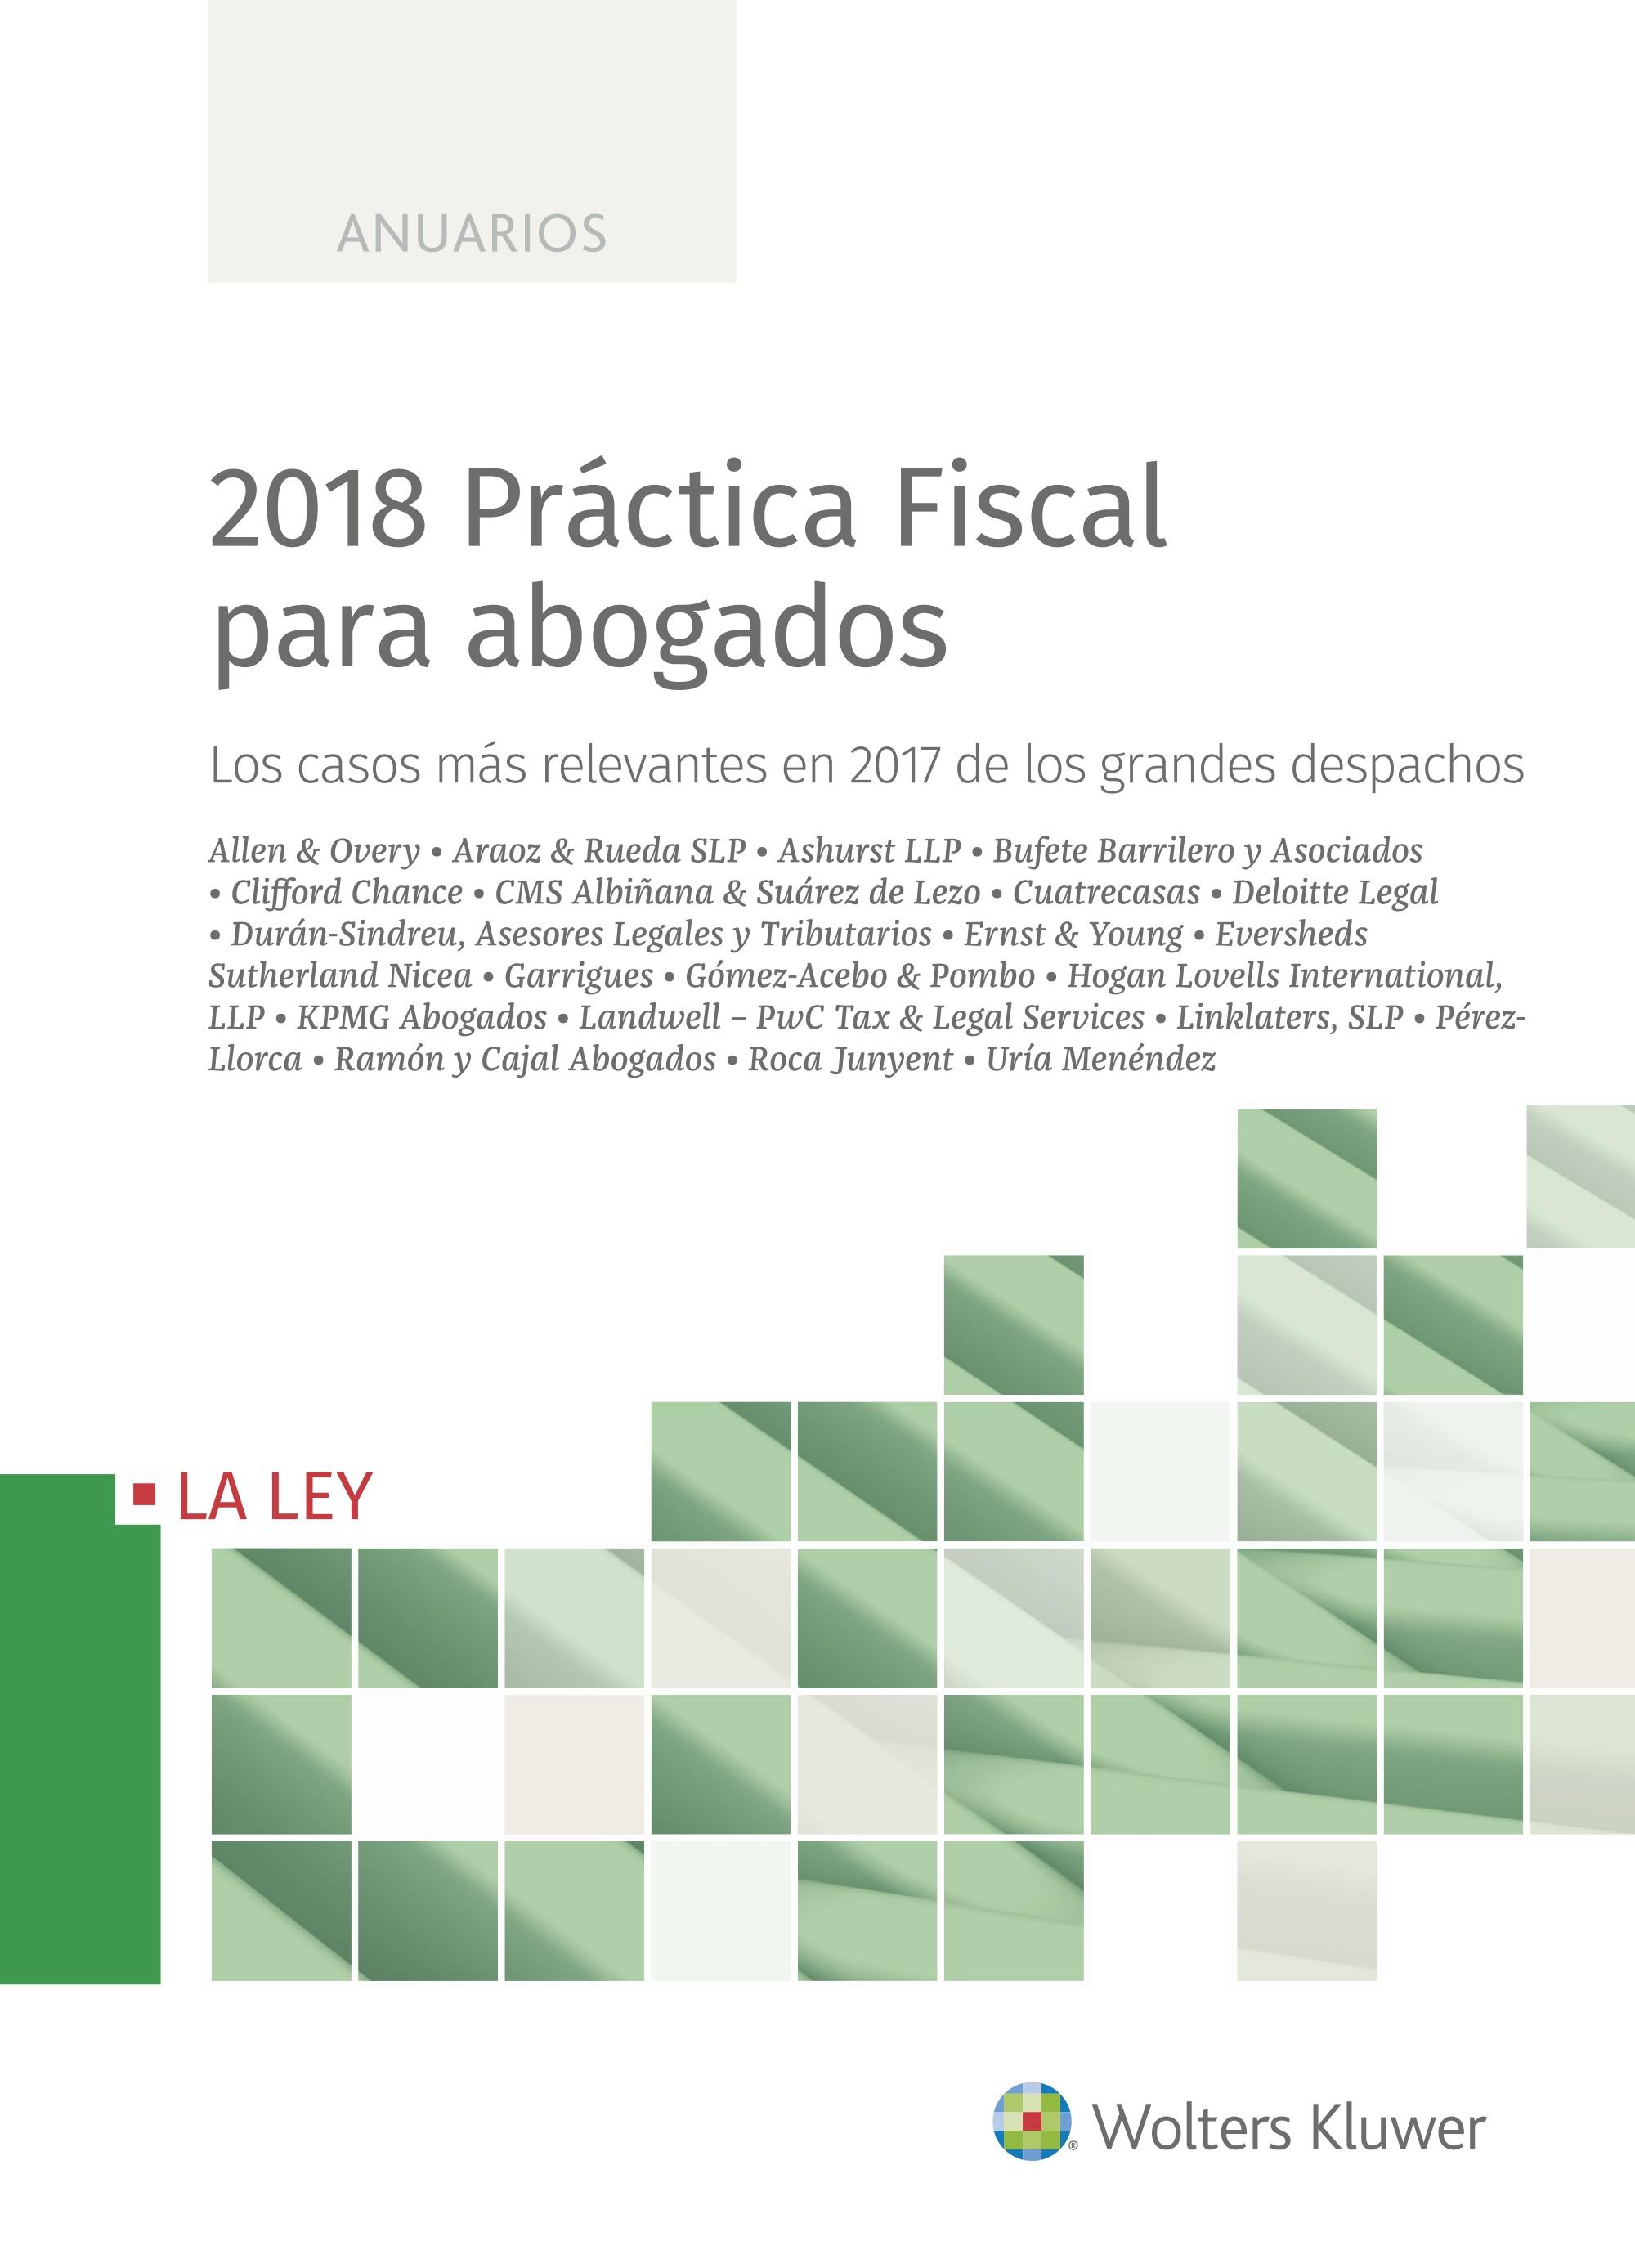 2018 Práctica Fiscal para abogados   «Los casos más relevantes en 2017 de los grandes despachos»